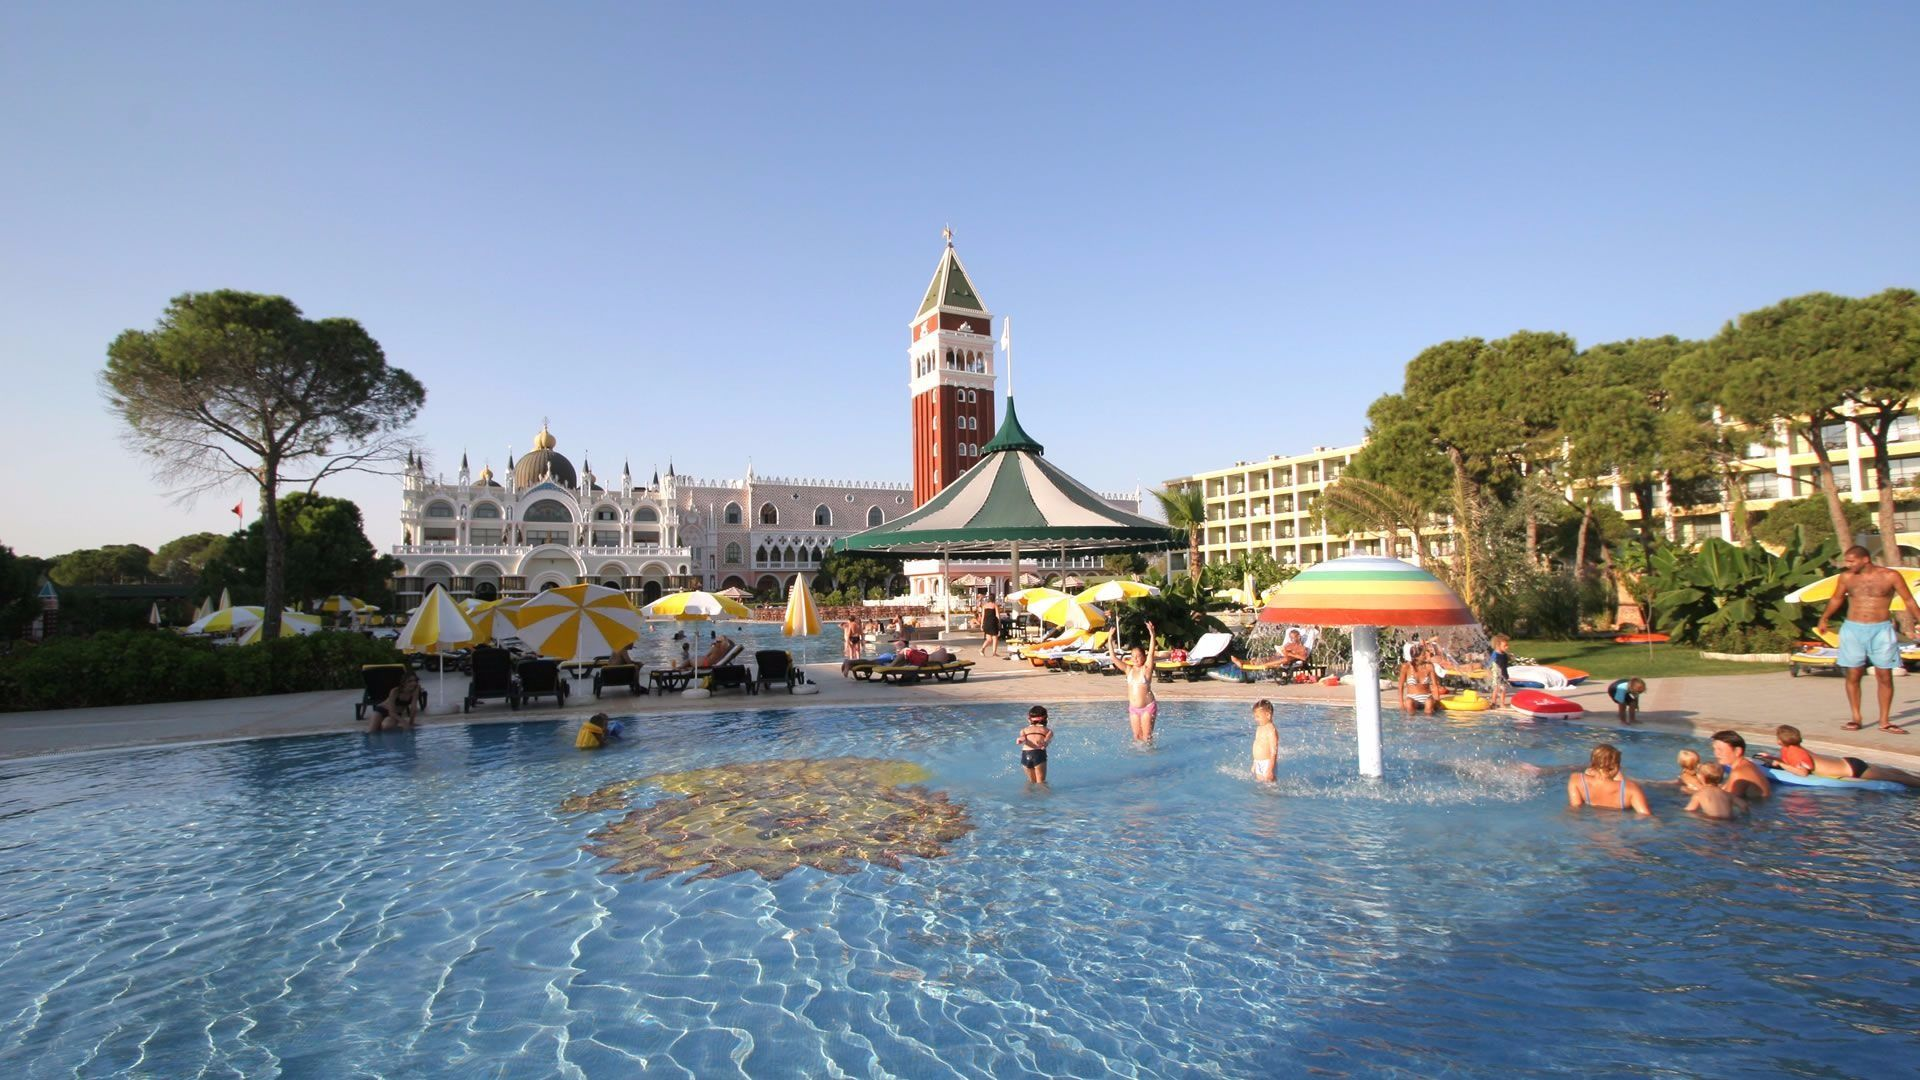 турция отель венеция анталия фото пусть будет полной